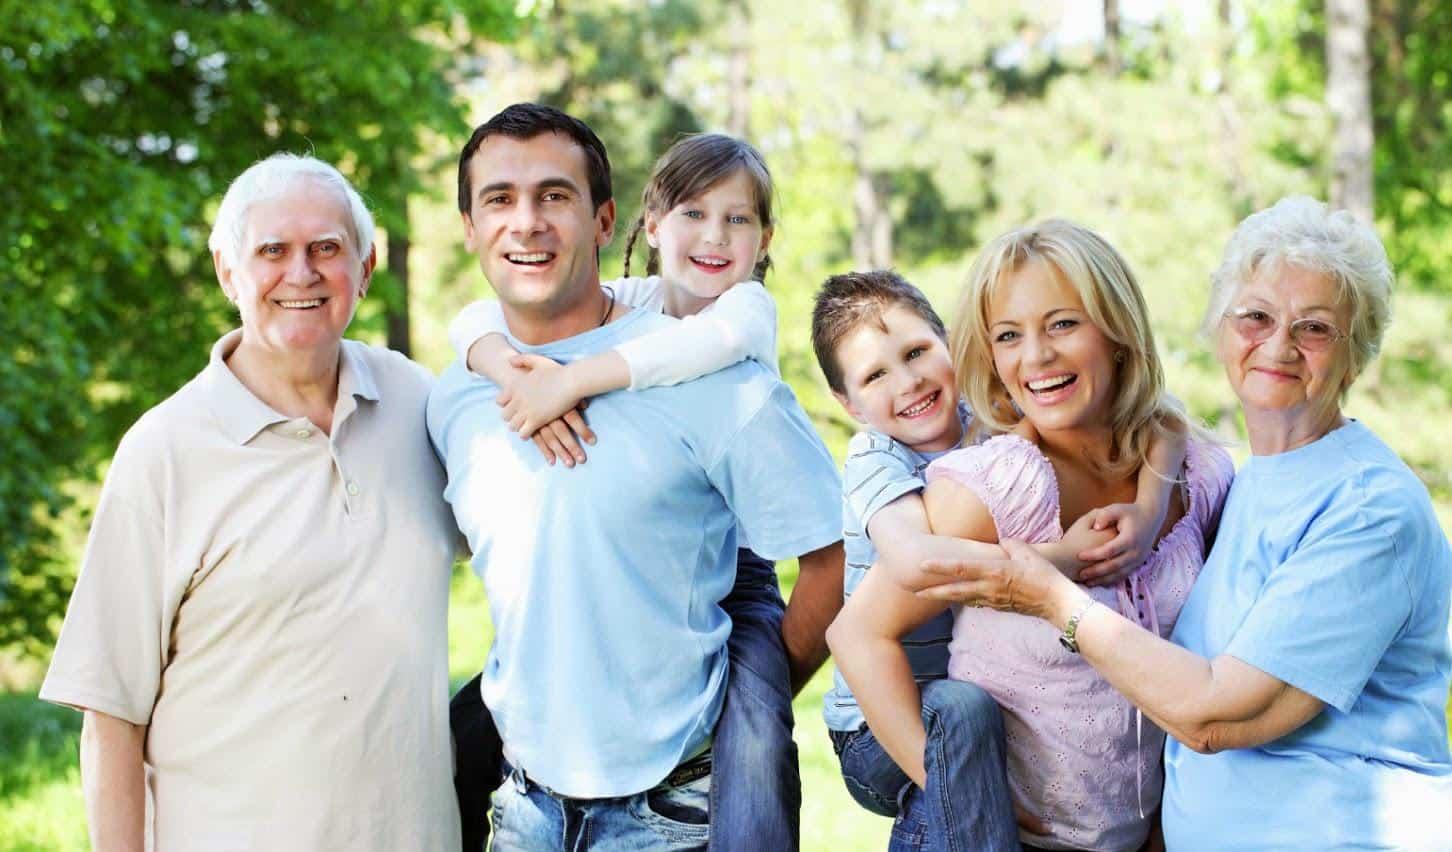 Những Sai Lầm Phổ Biến Khi Chăm Sóc Người Già Tại Nhà